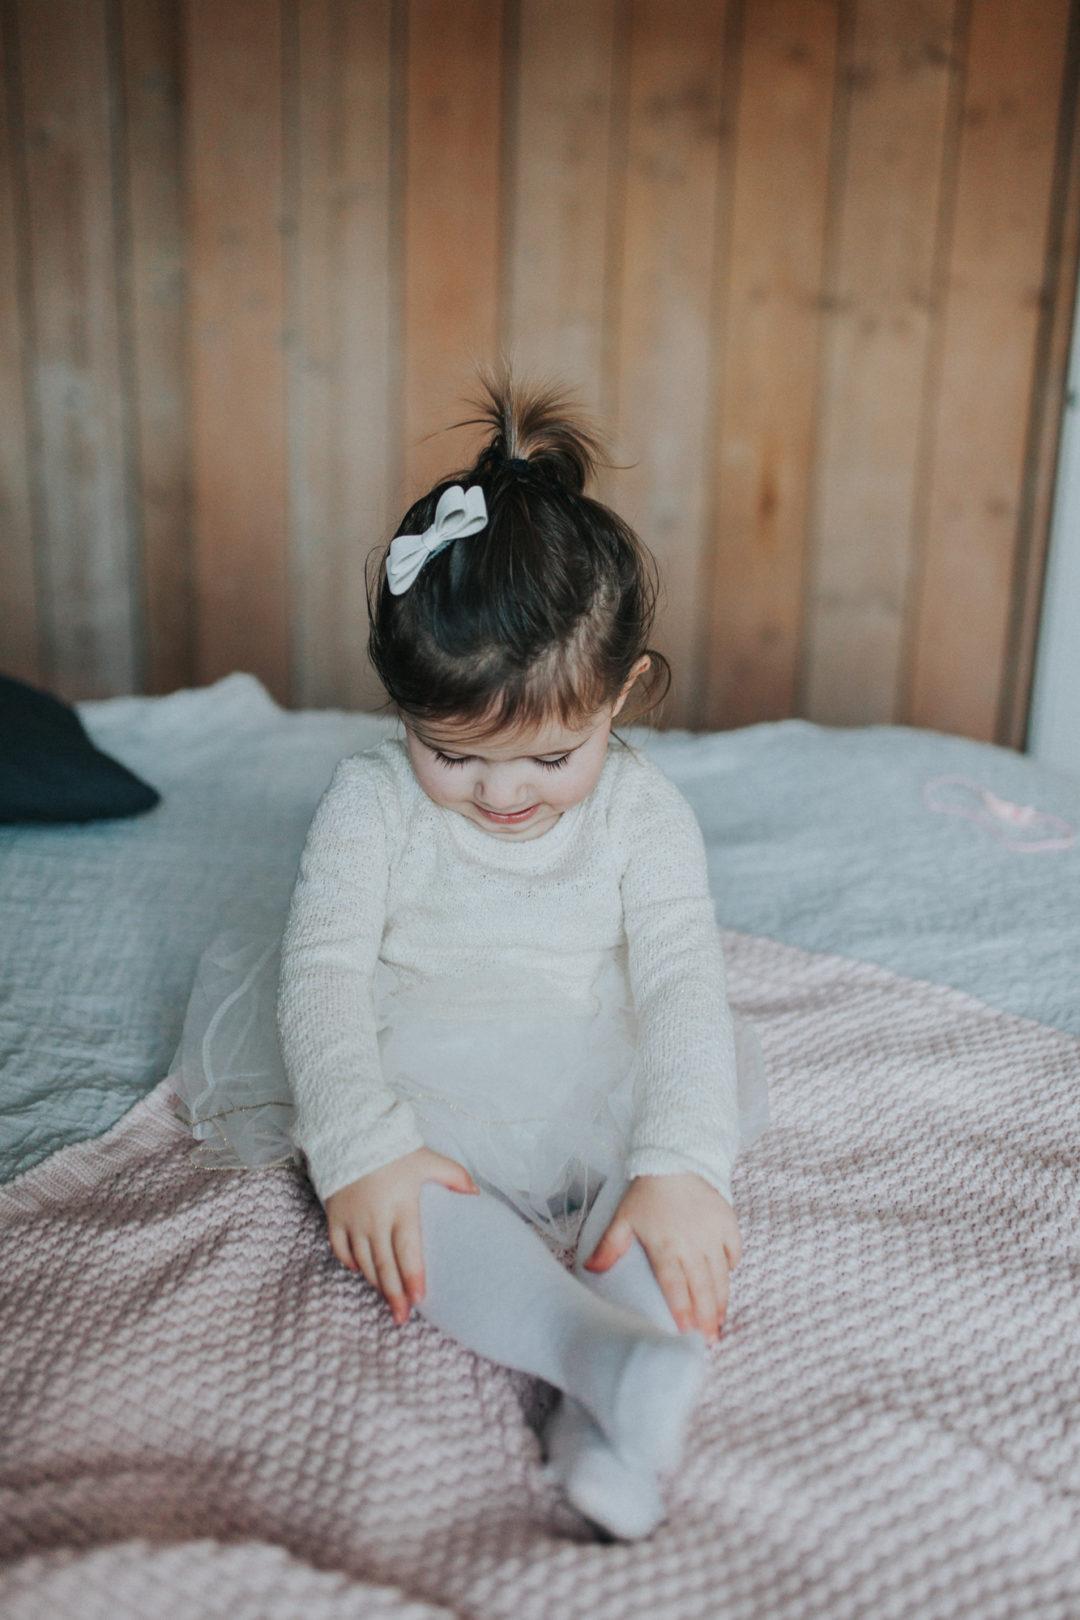 peuter, mama van dijk, mamablog, christelijke mamablog, bloggers, weblog, website, moederschap, lifestyle